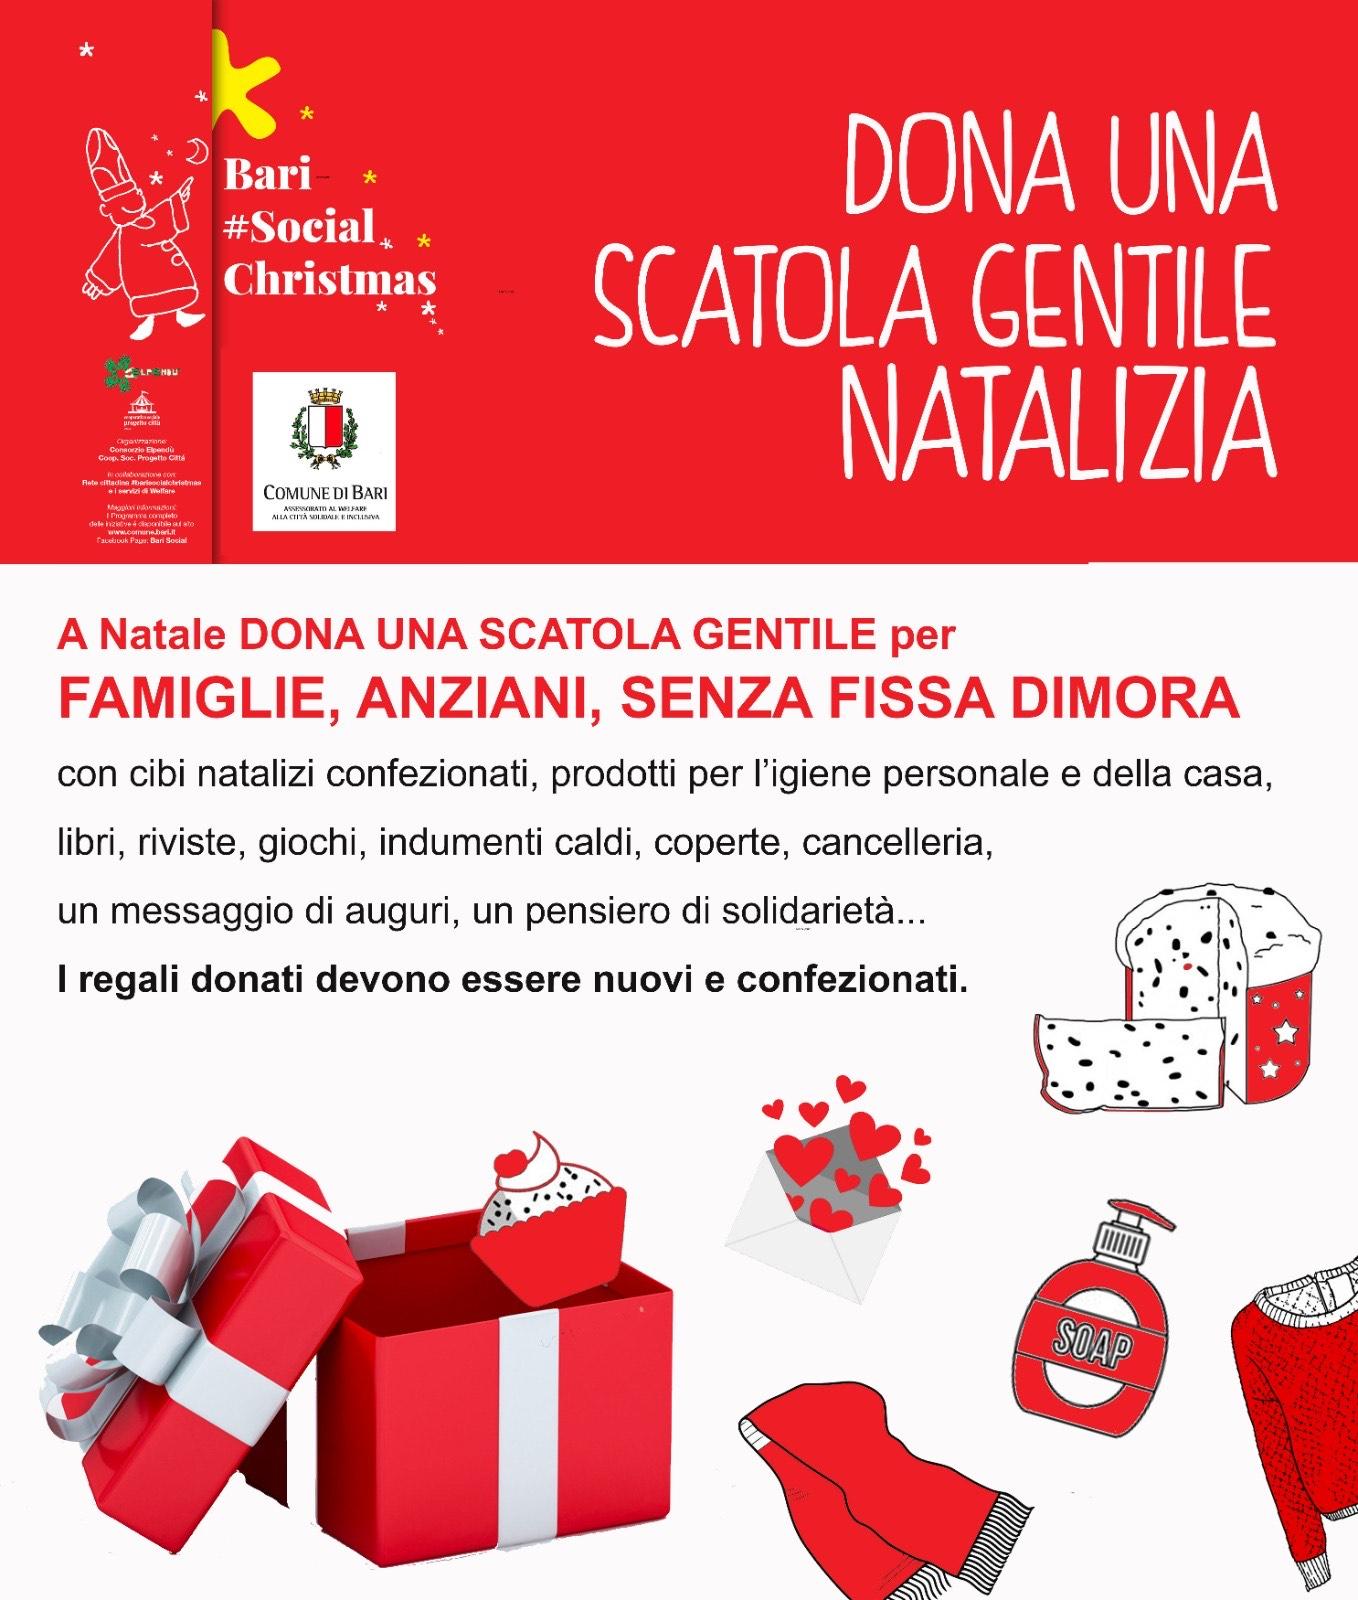 Locandina Dona-una-scatola-gentile-natalizia-Comune-di-BARI-2020